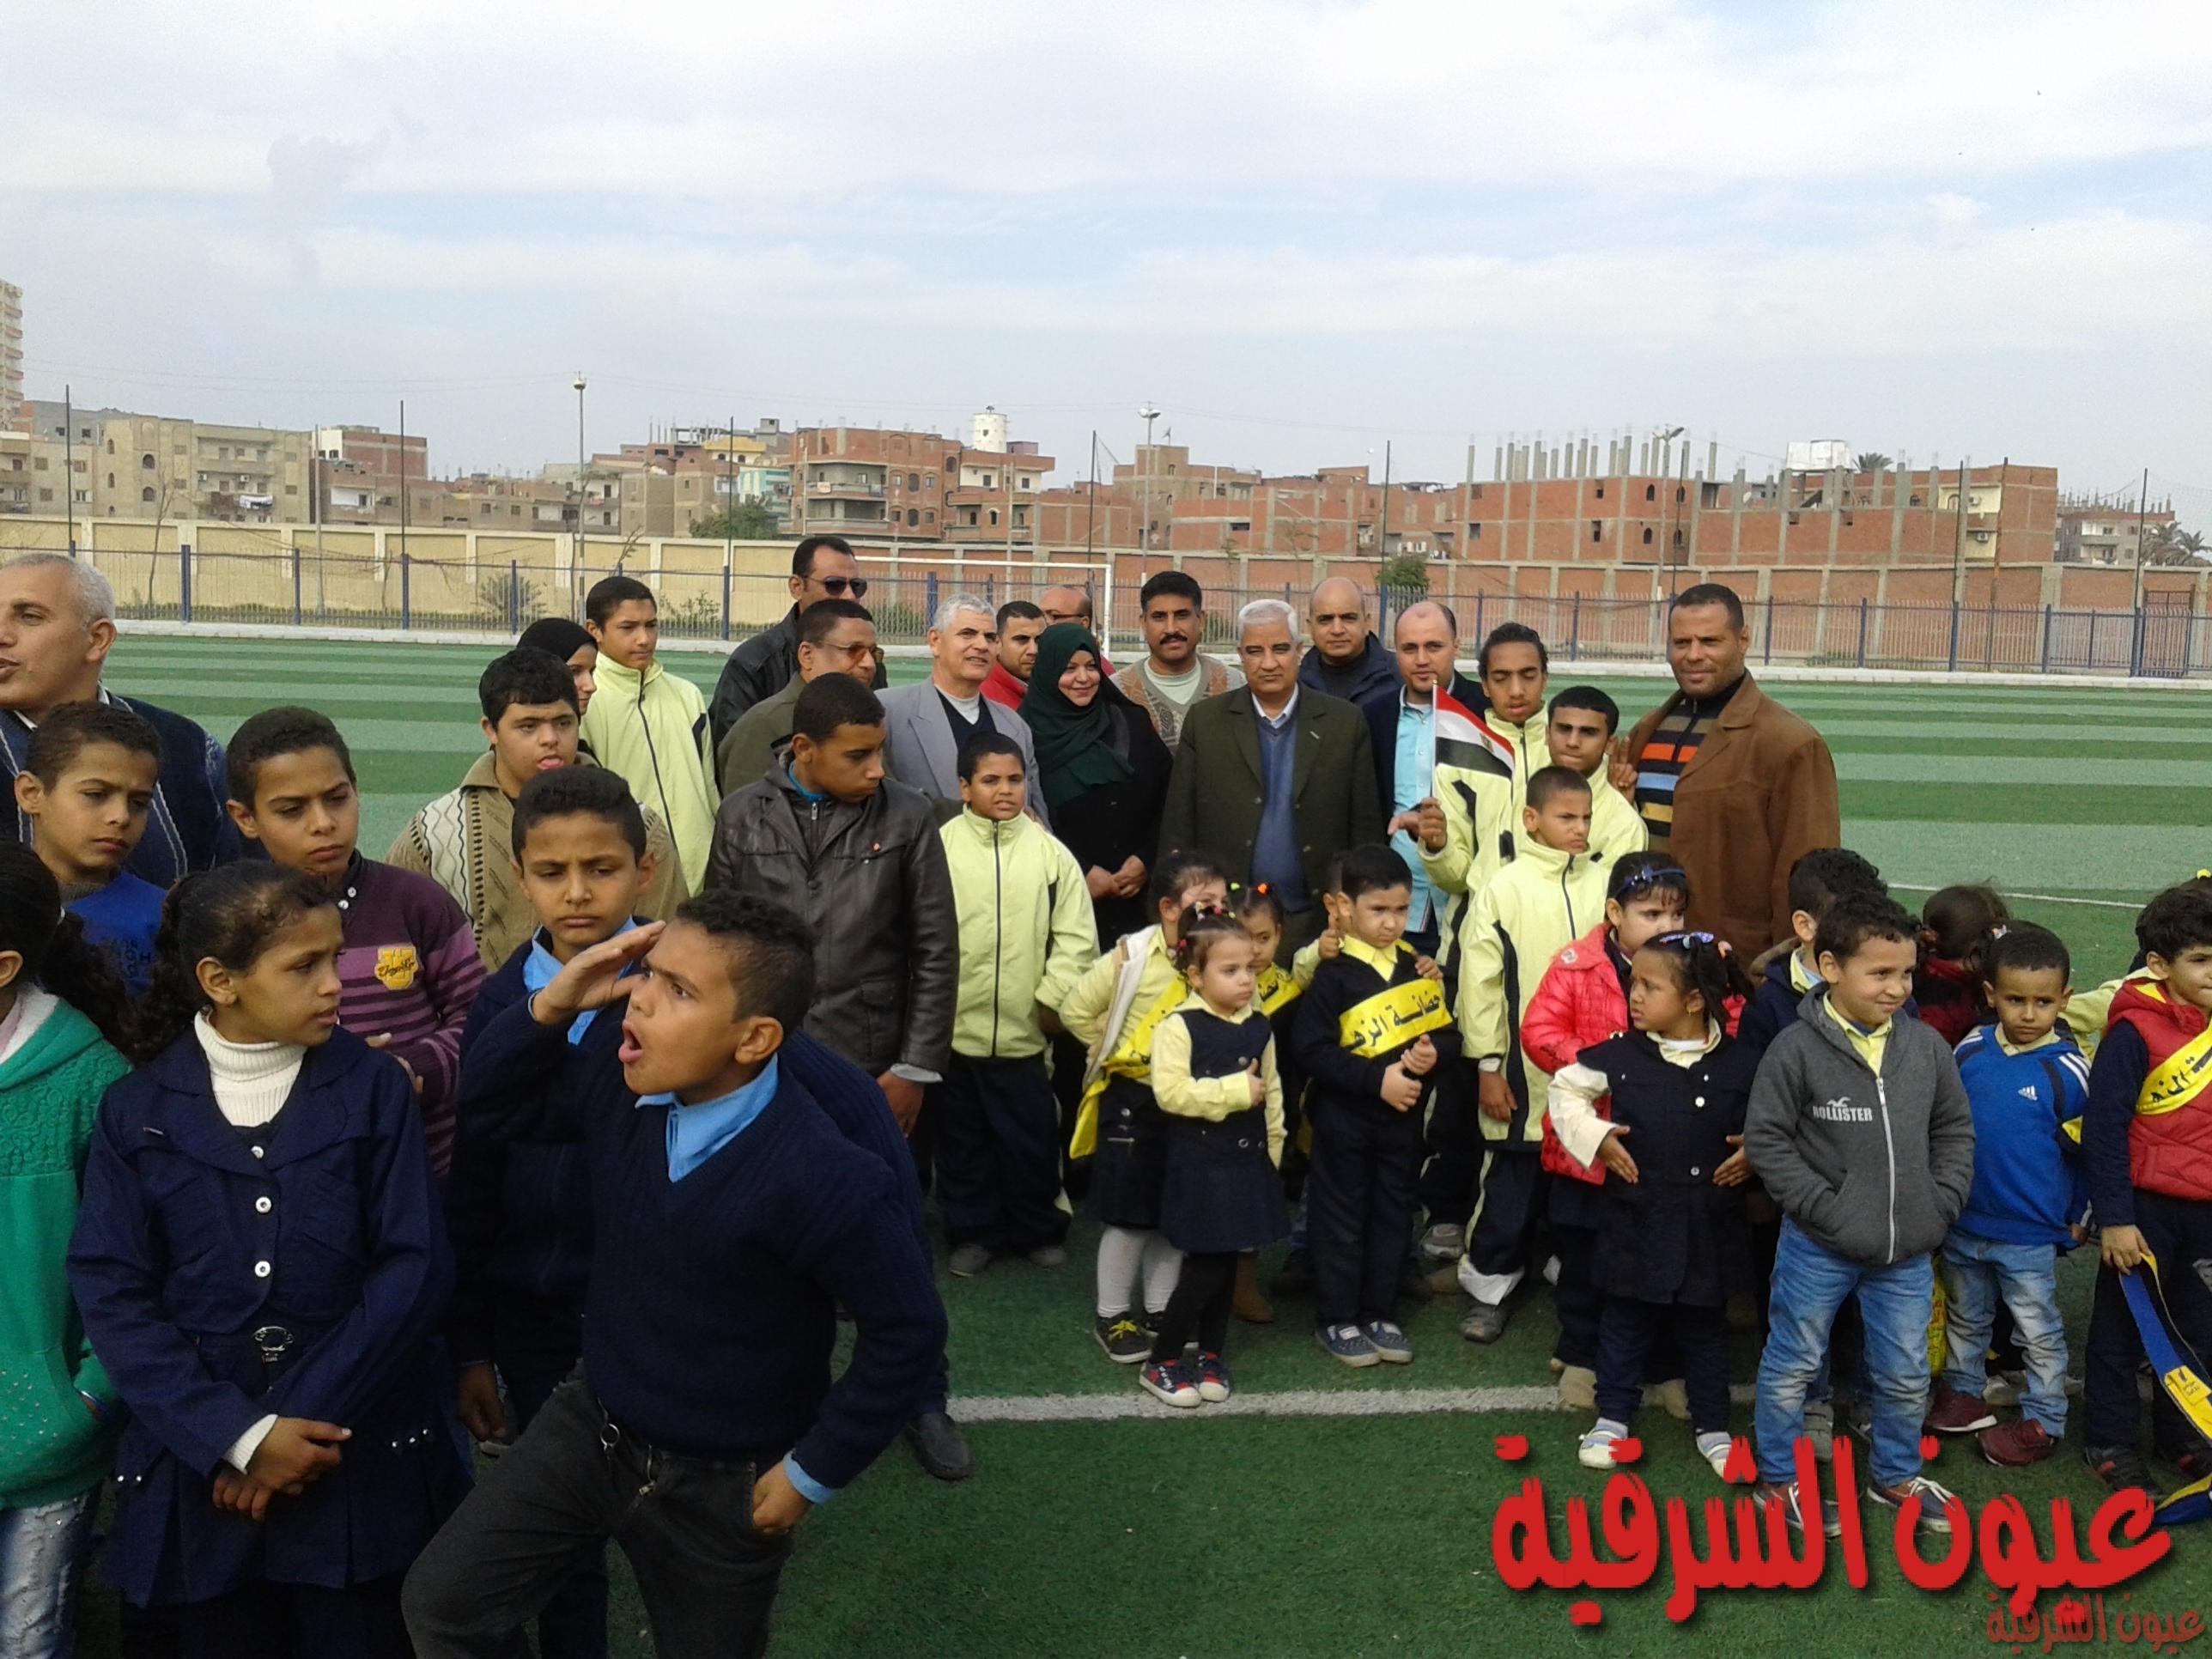 إحتفالات بيوم المعاق وعيدالطفولةبمركز شباب أبوحماد